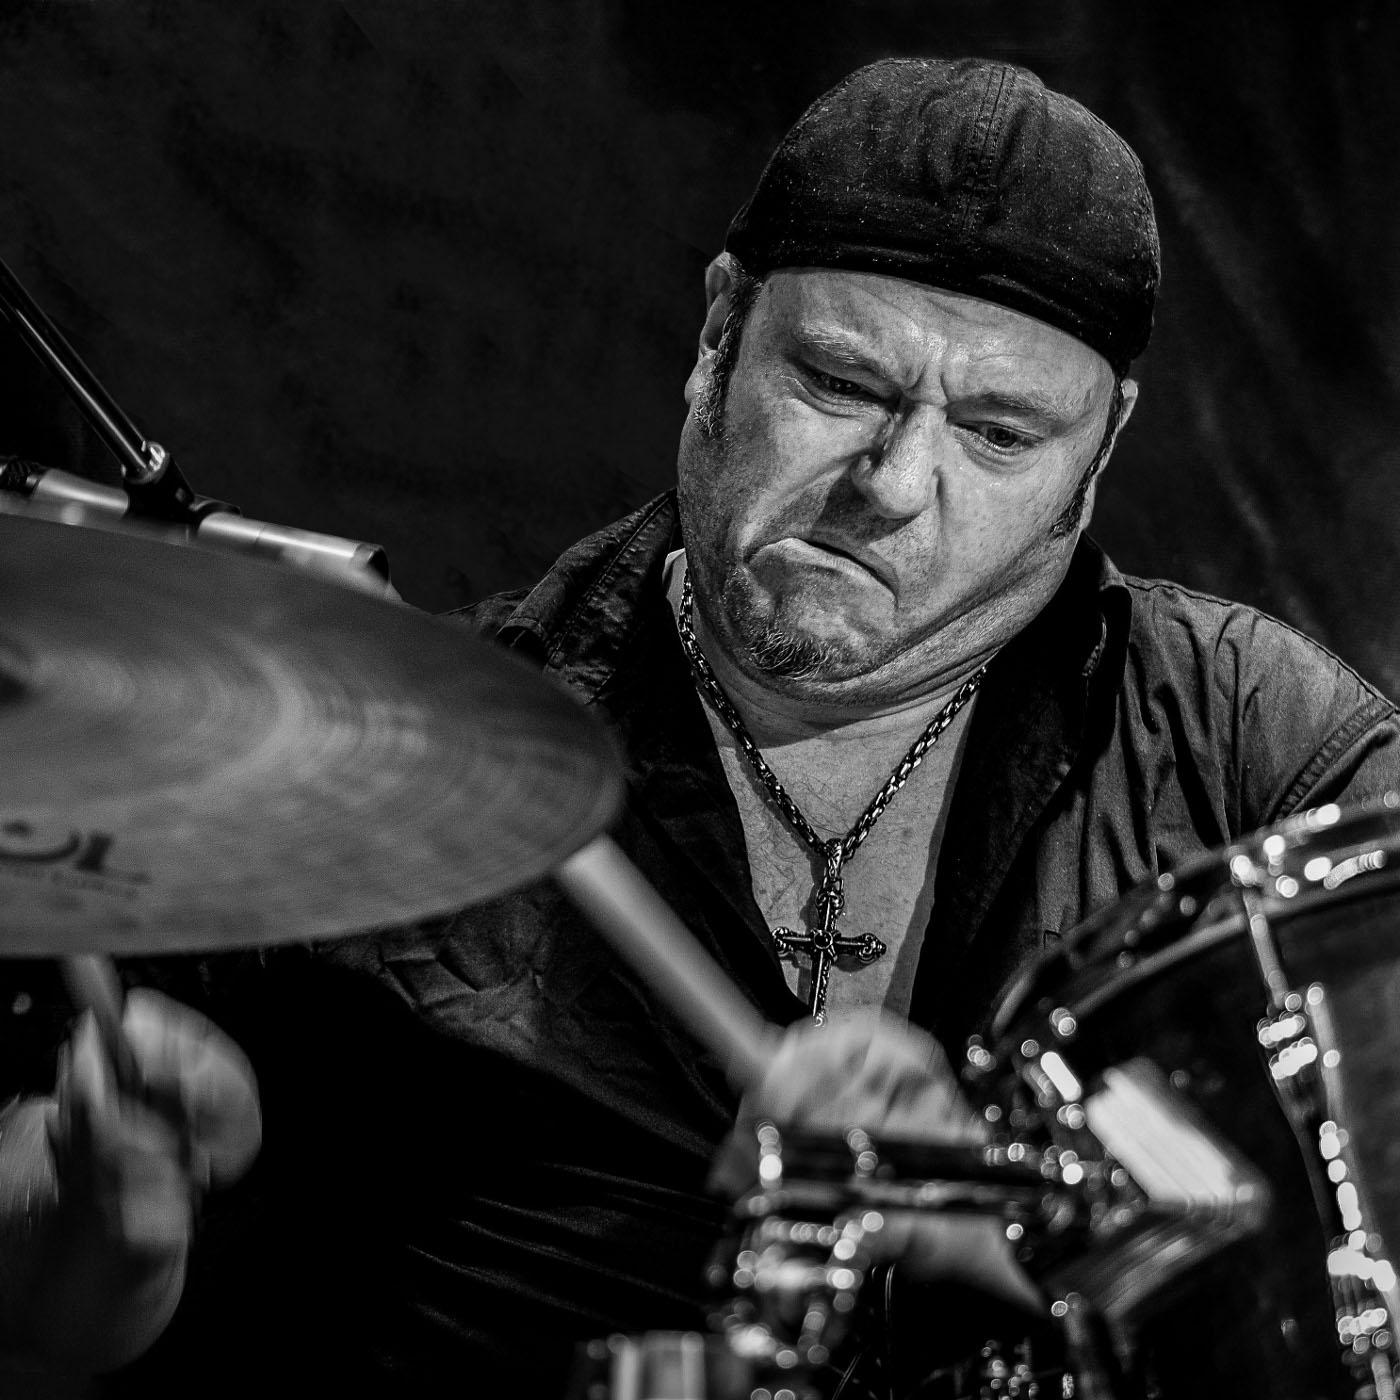 The drummer  | © wolfgang röser